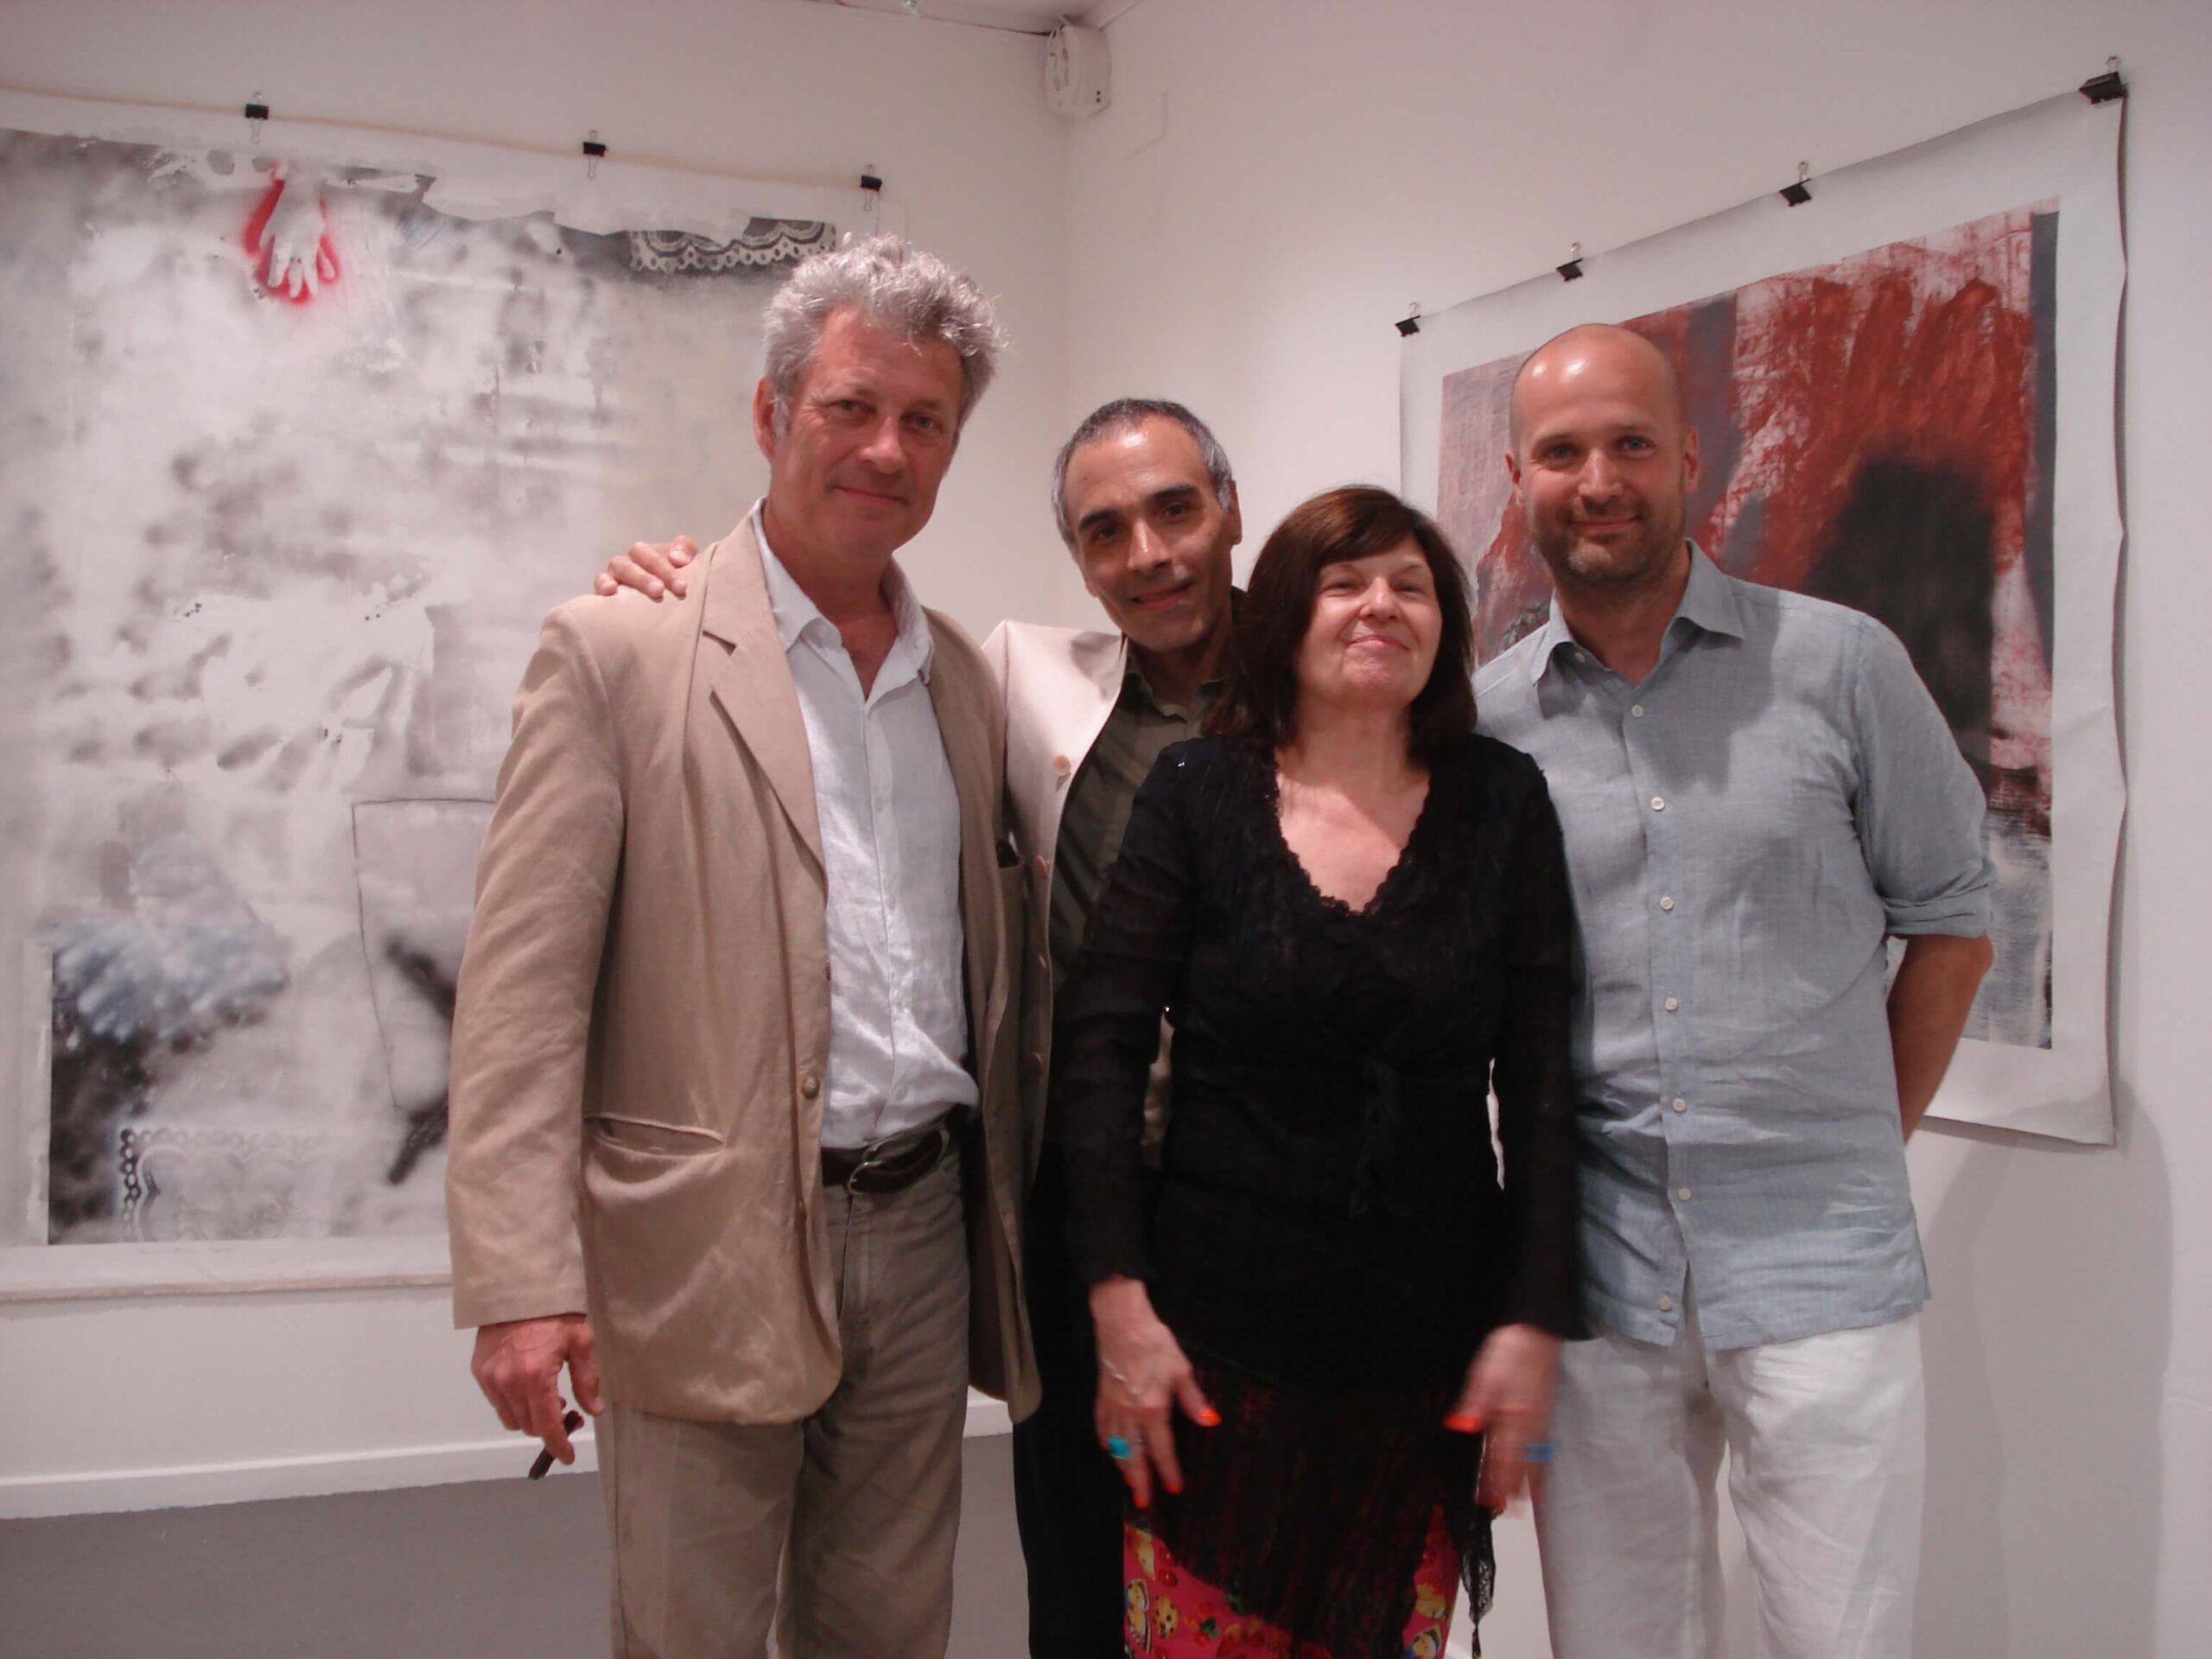 l'artiste Dorothée Selz, l'artiste Luc Gauthier, Jean-François Pascal, directeur de la galerie Paradis, et Alexis Yebra